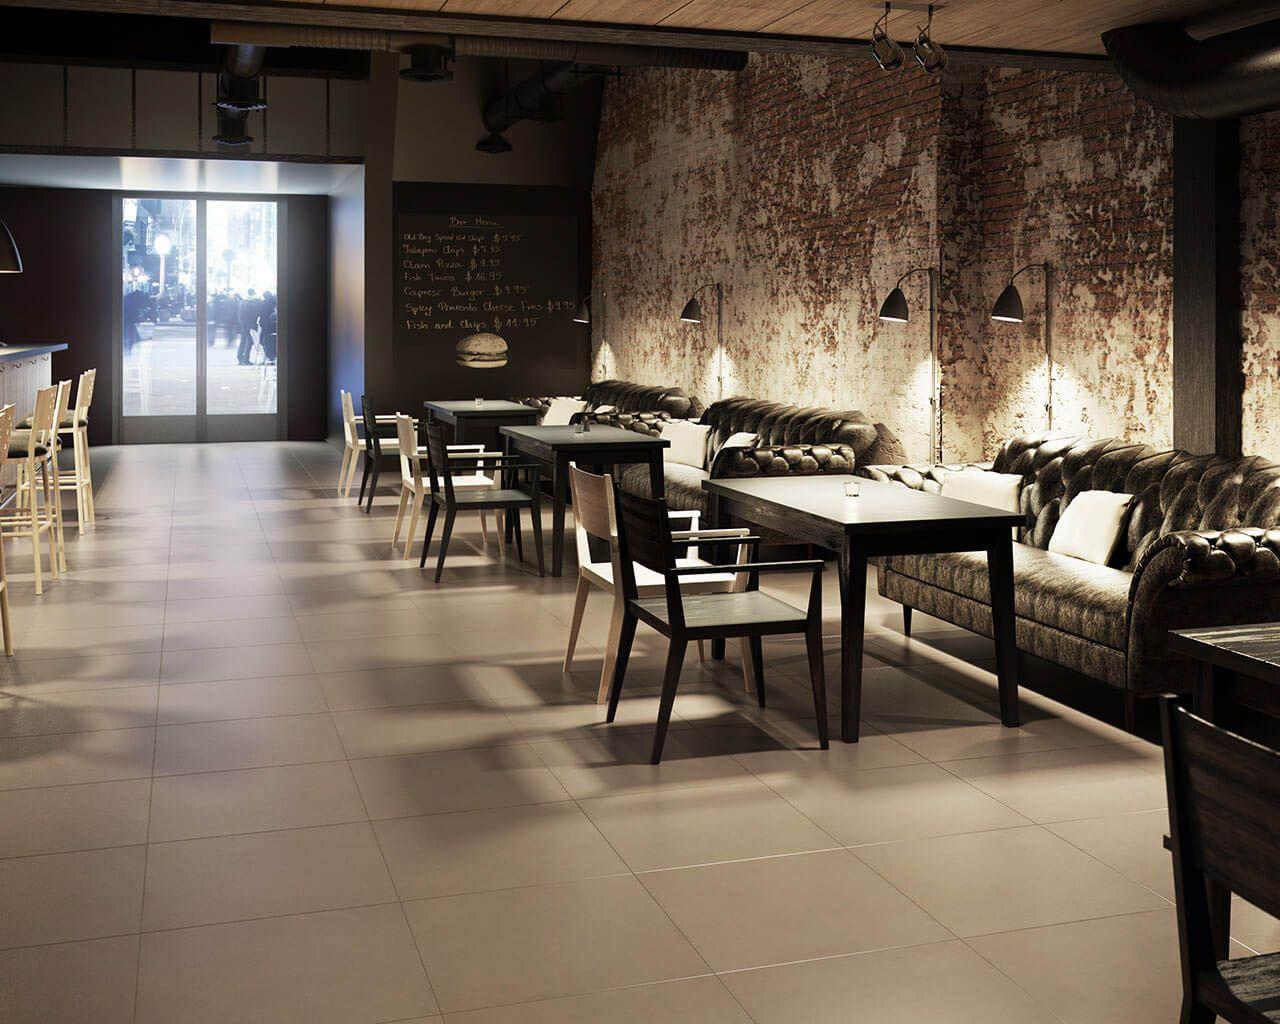 Stilvolle, moderne Bar in gemütlichem Braun und Grau | Ceramika Paradyz